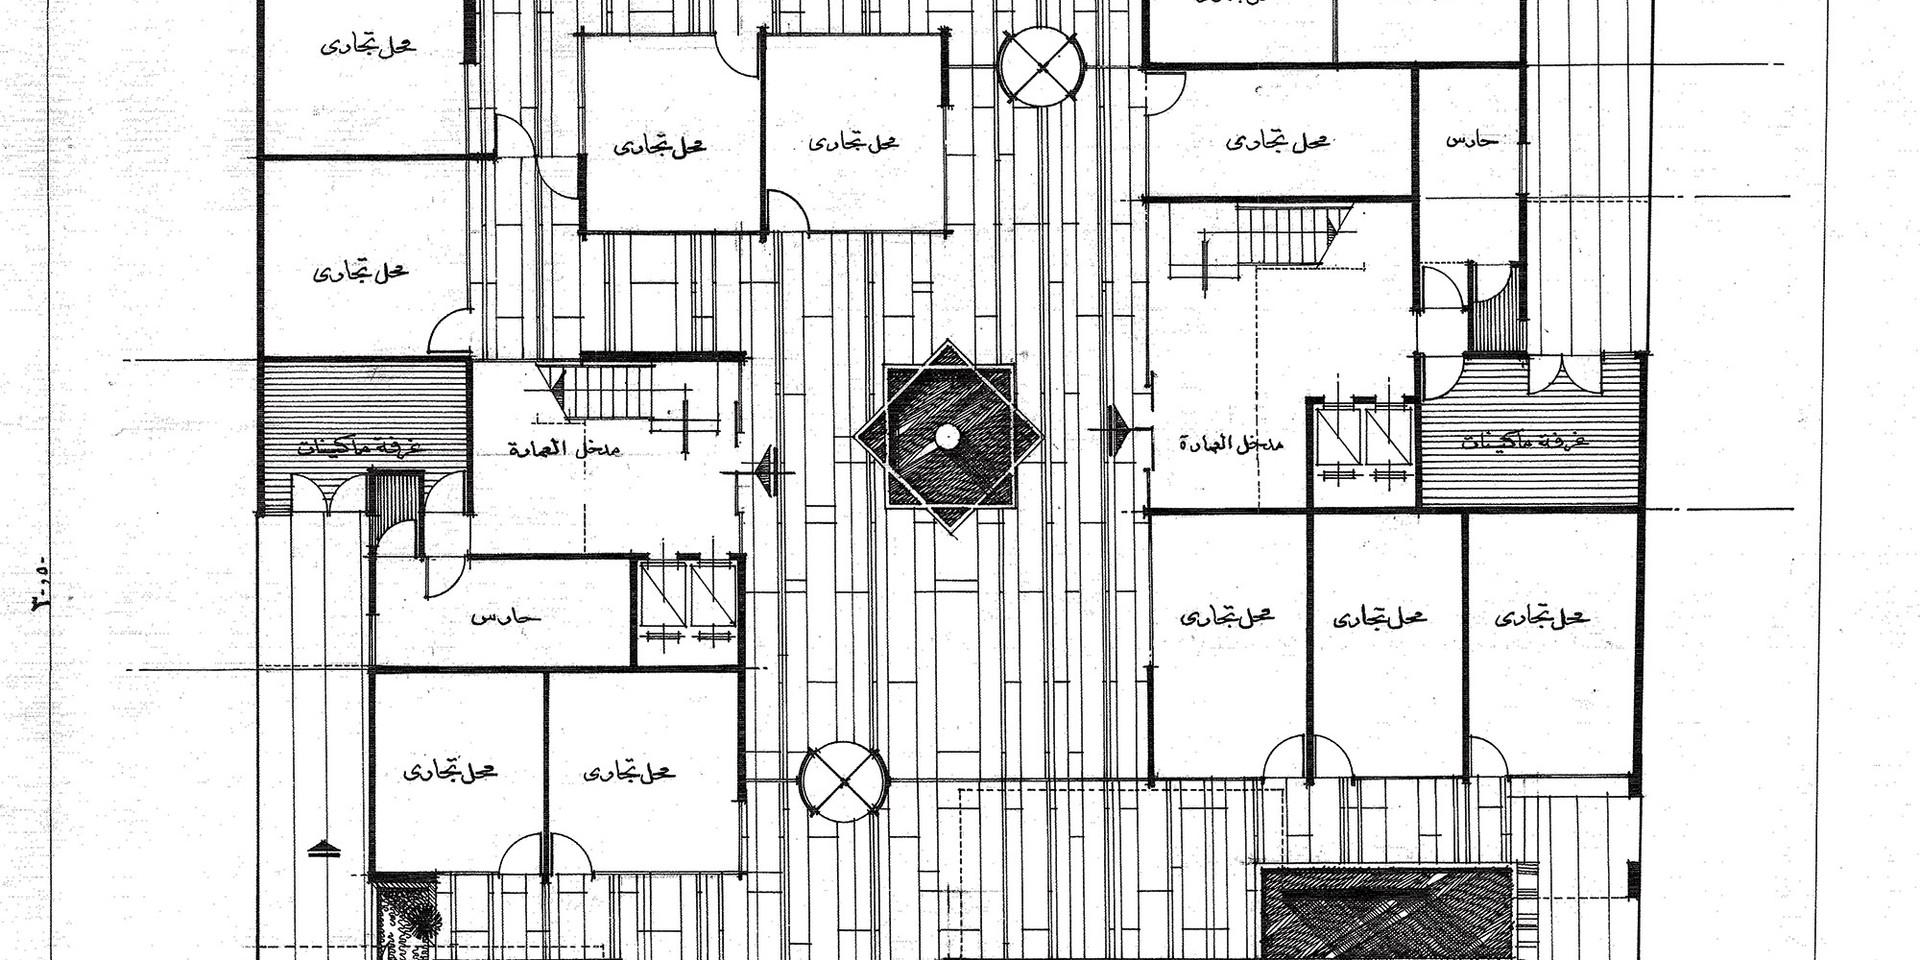 Lady Amira el Moteri Building Ground Floor Plan